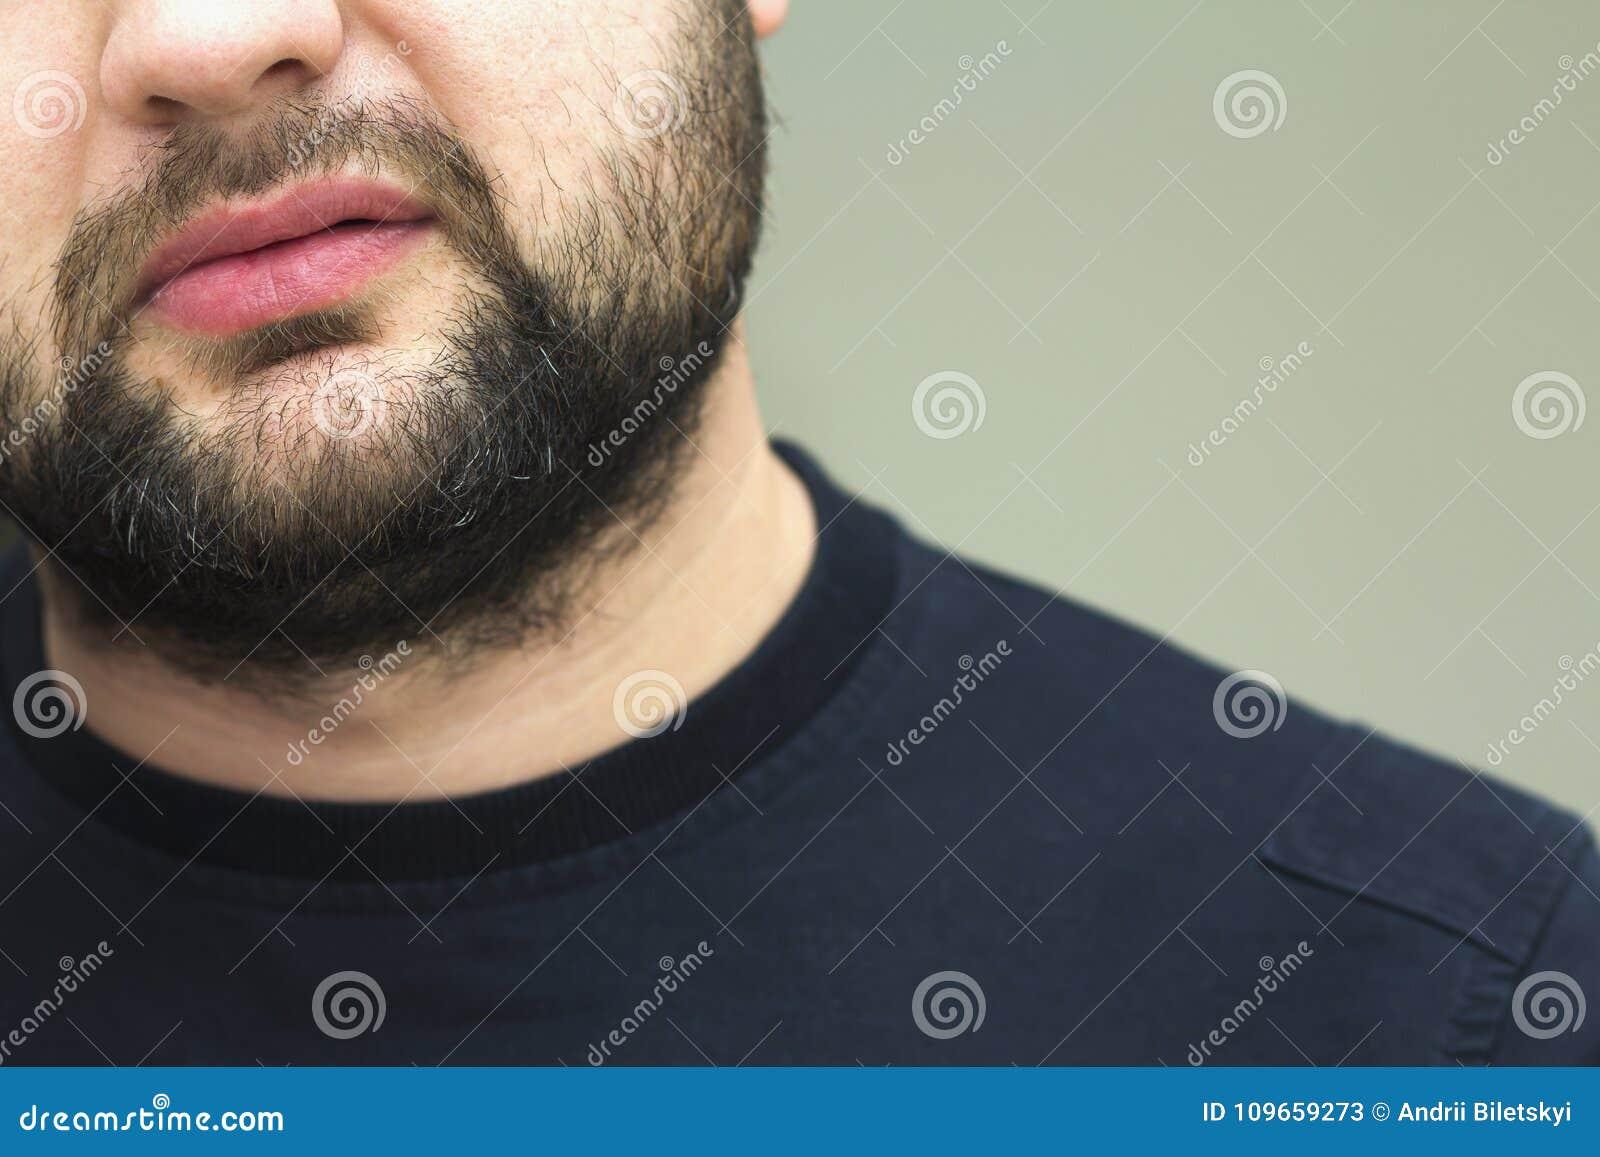 Närbildsikten av ett skägg av stiligt barn uppsökte mannen